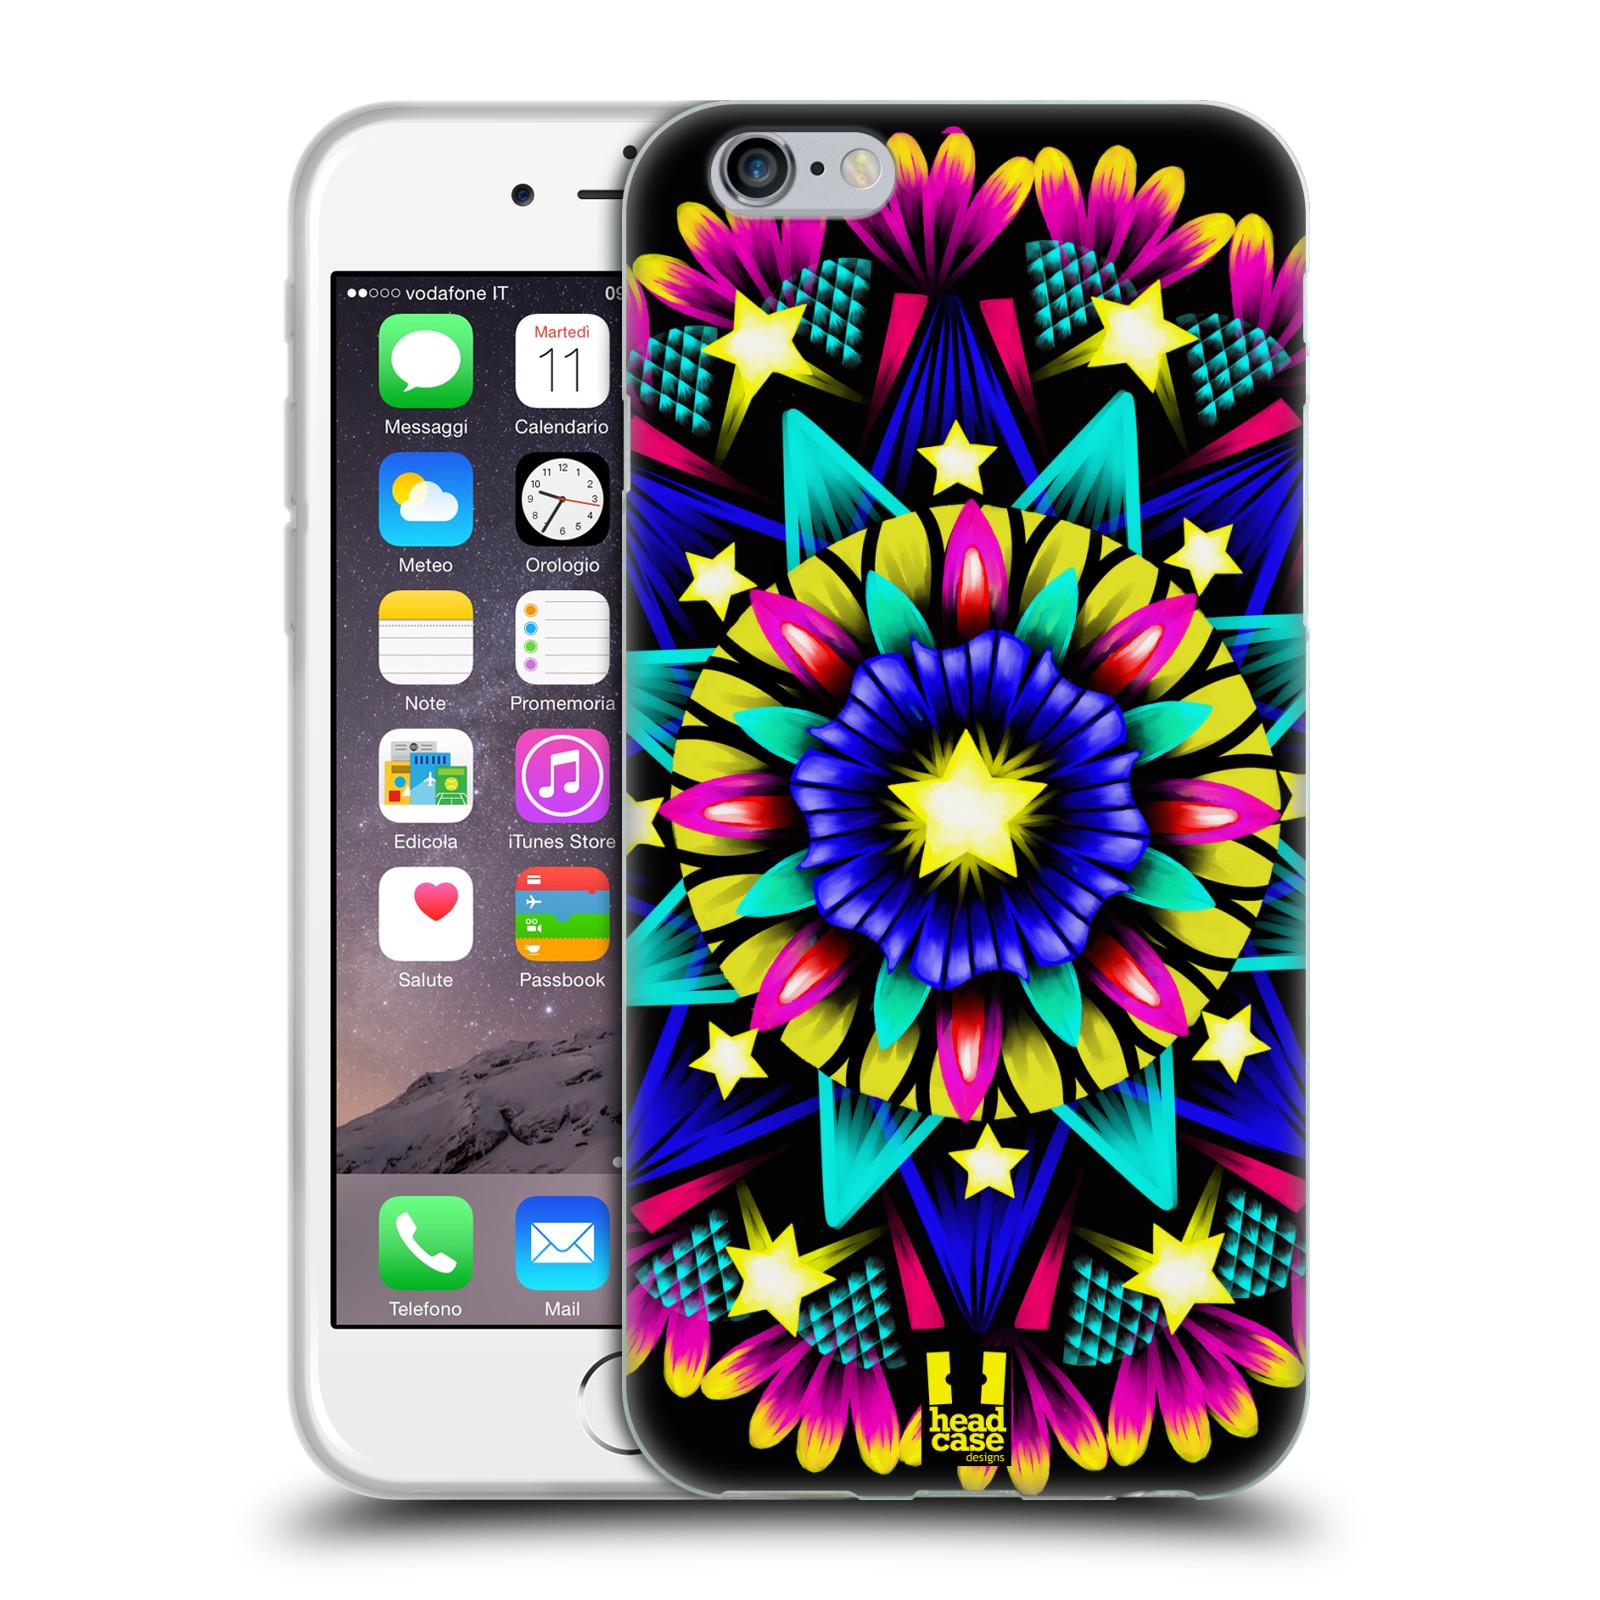 HEAD CASE silikonový obal na mobil Apple Iphone 6/6S vzor Indie Mandala kaleidoskop barevný vzor HVĚZDA